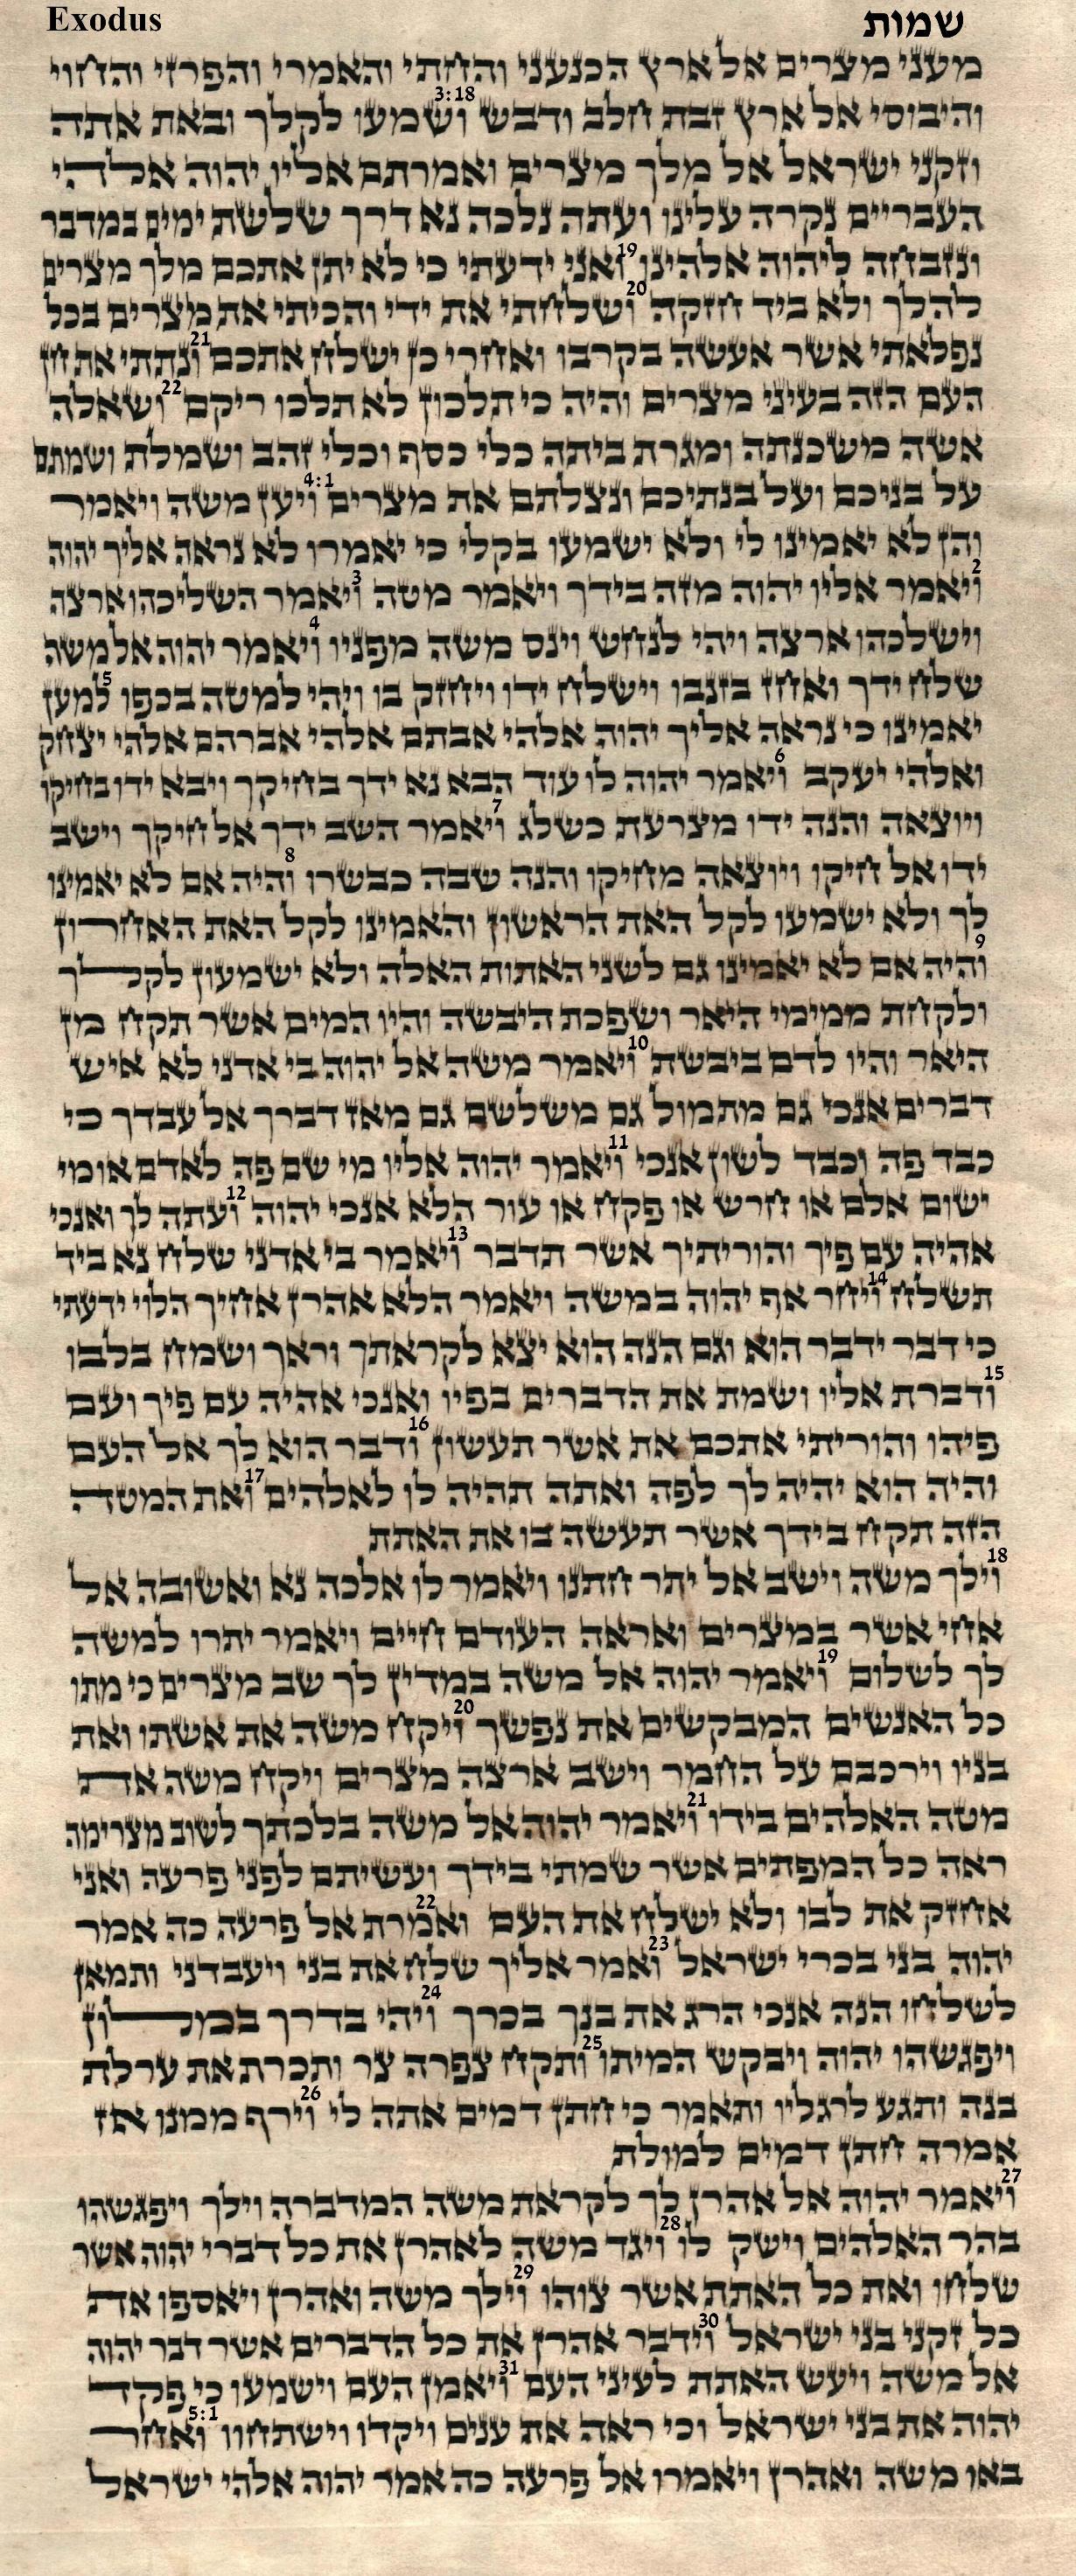 Exodus 3.18 - 5.1